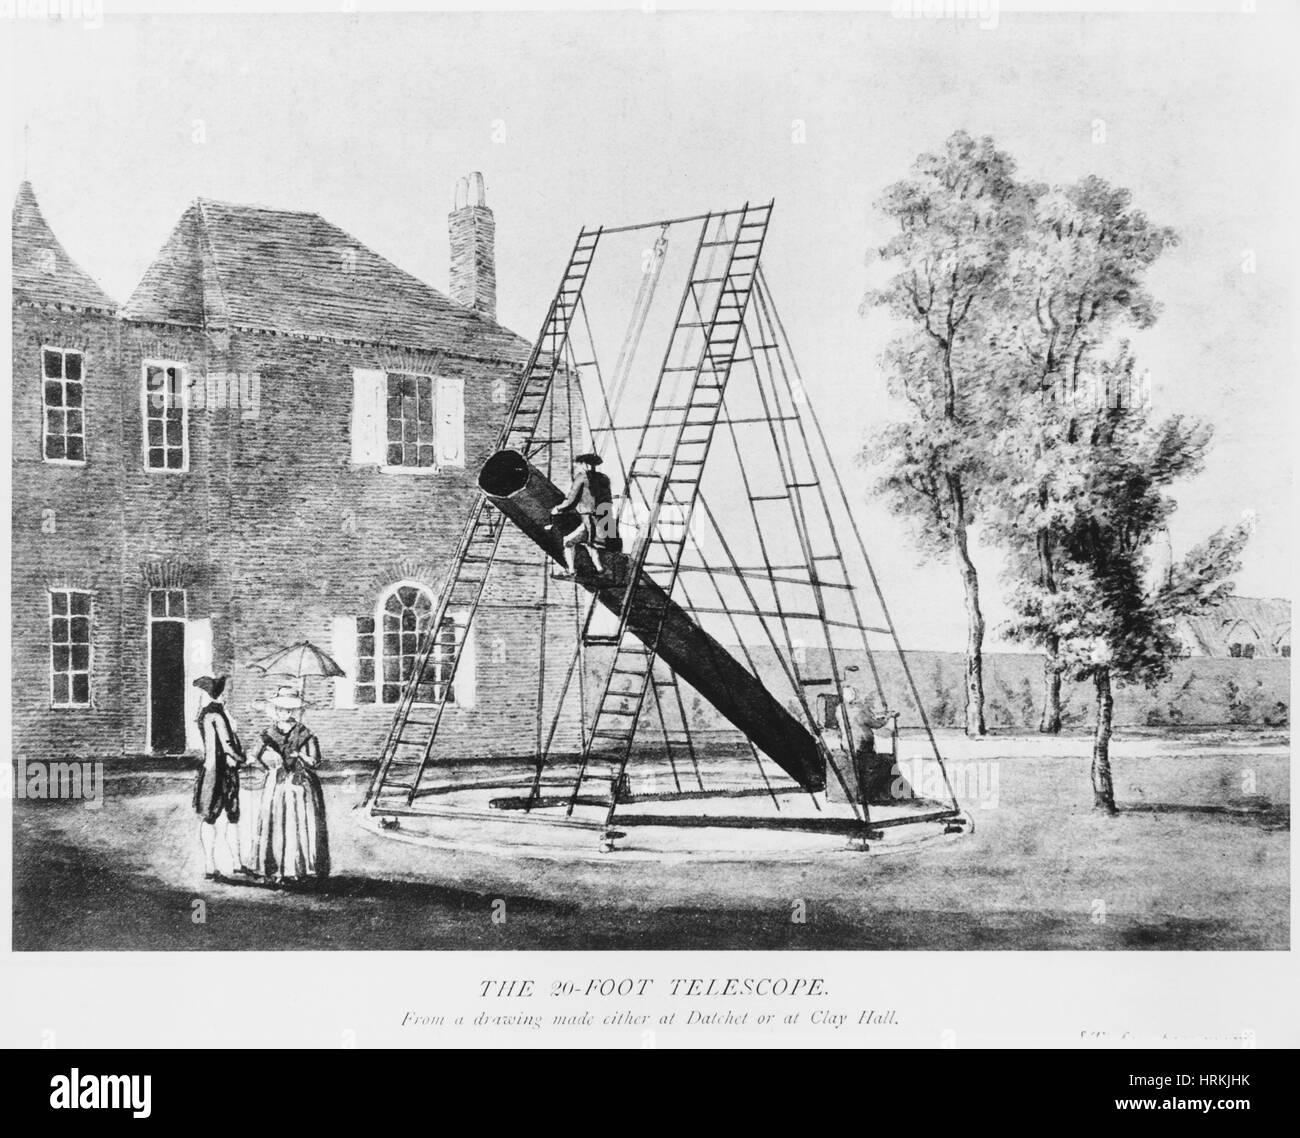 Herschel's 20 Foot Telescope - Stock Image